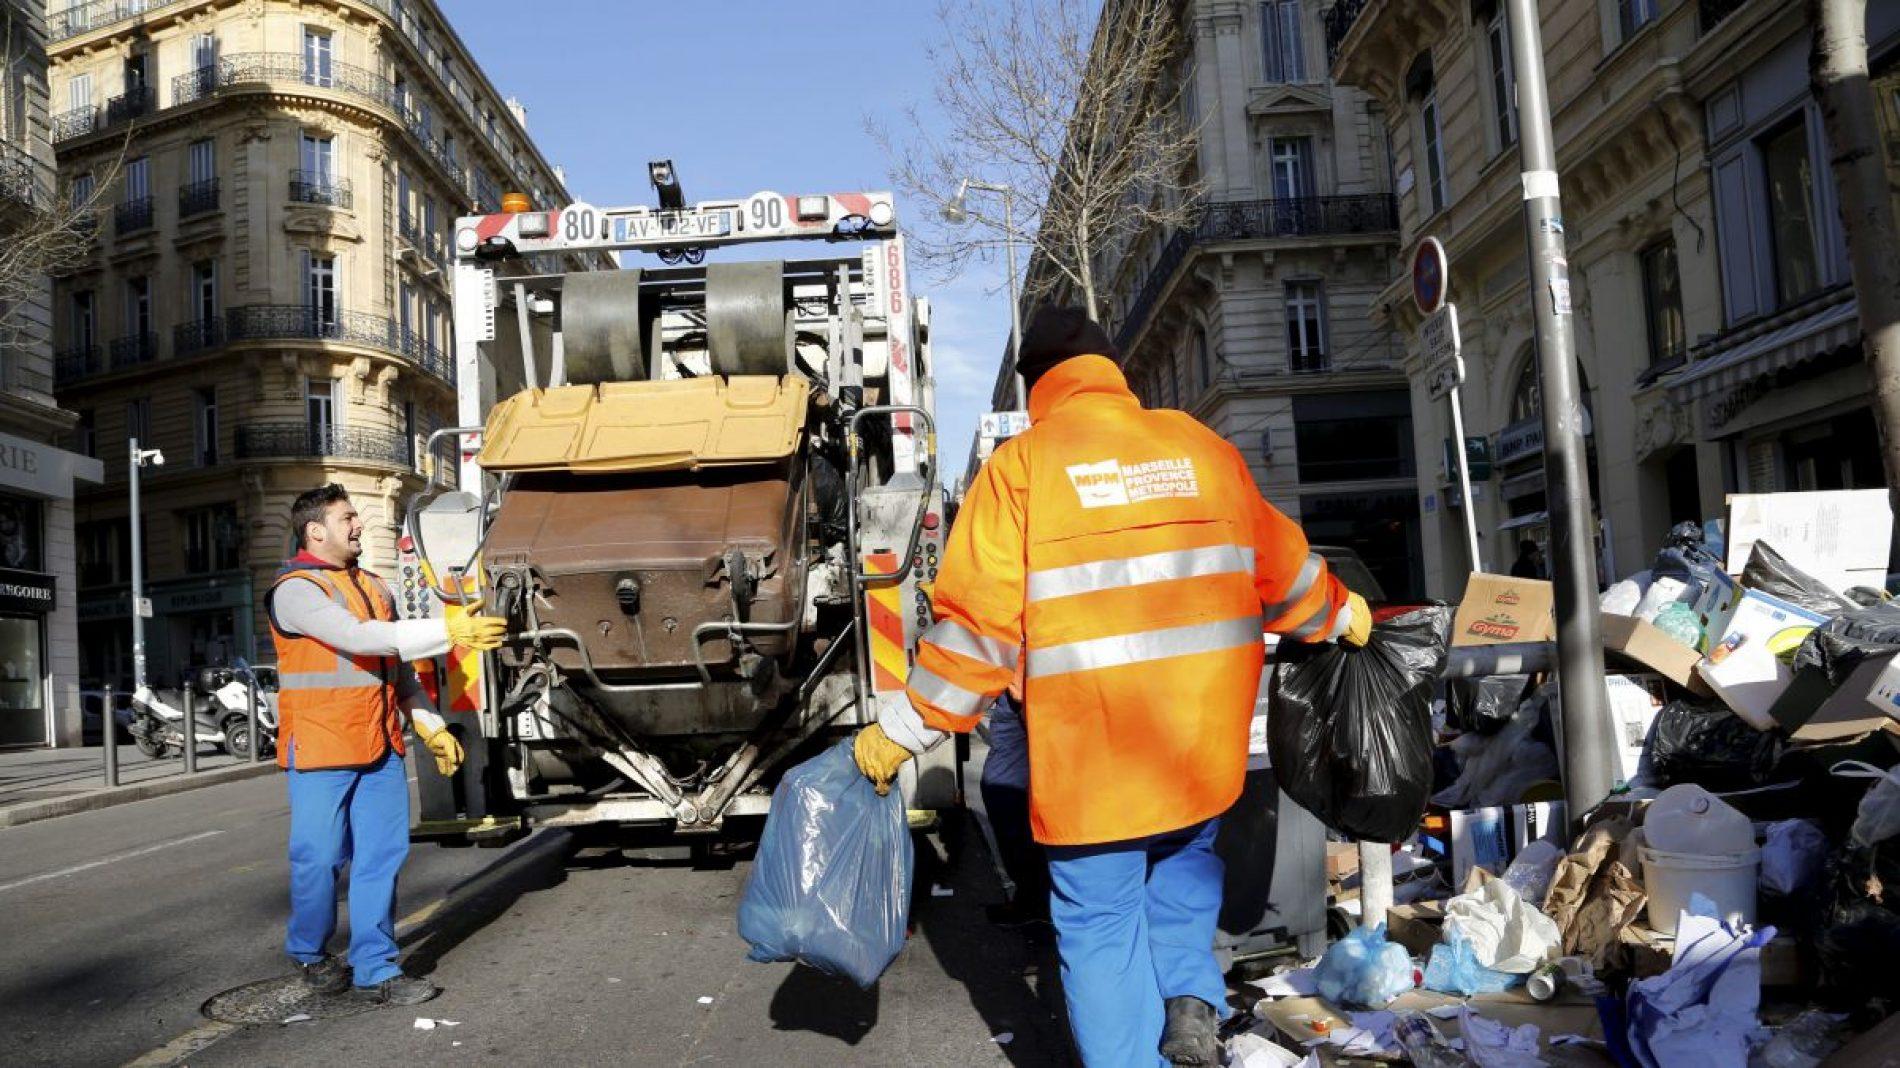 France : Un ramassage géant et une compétition des déchets organisés à Marseille